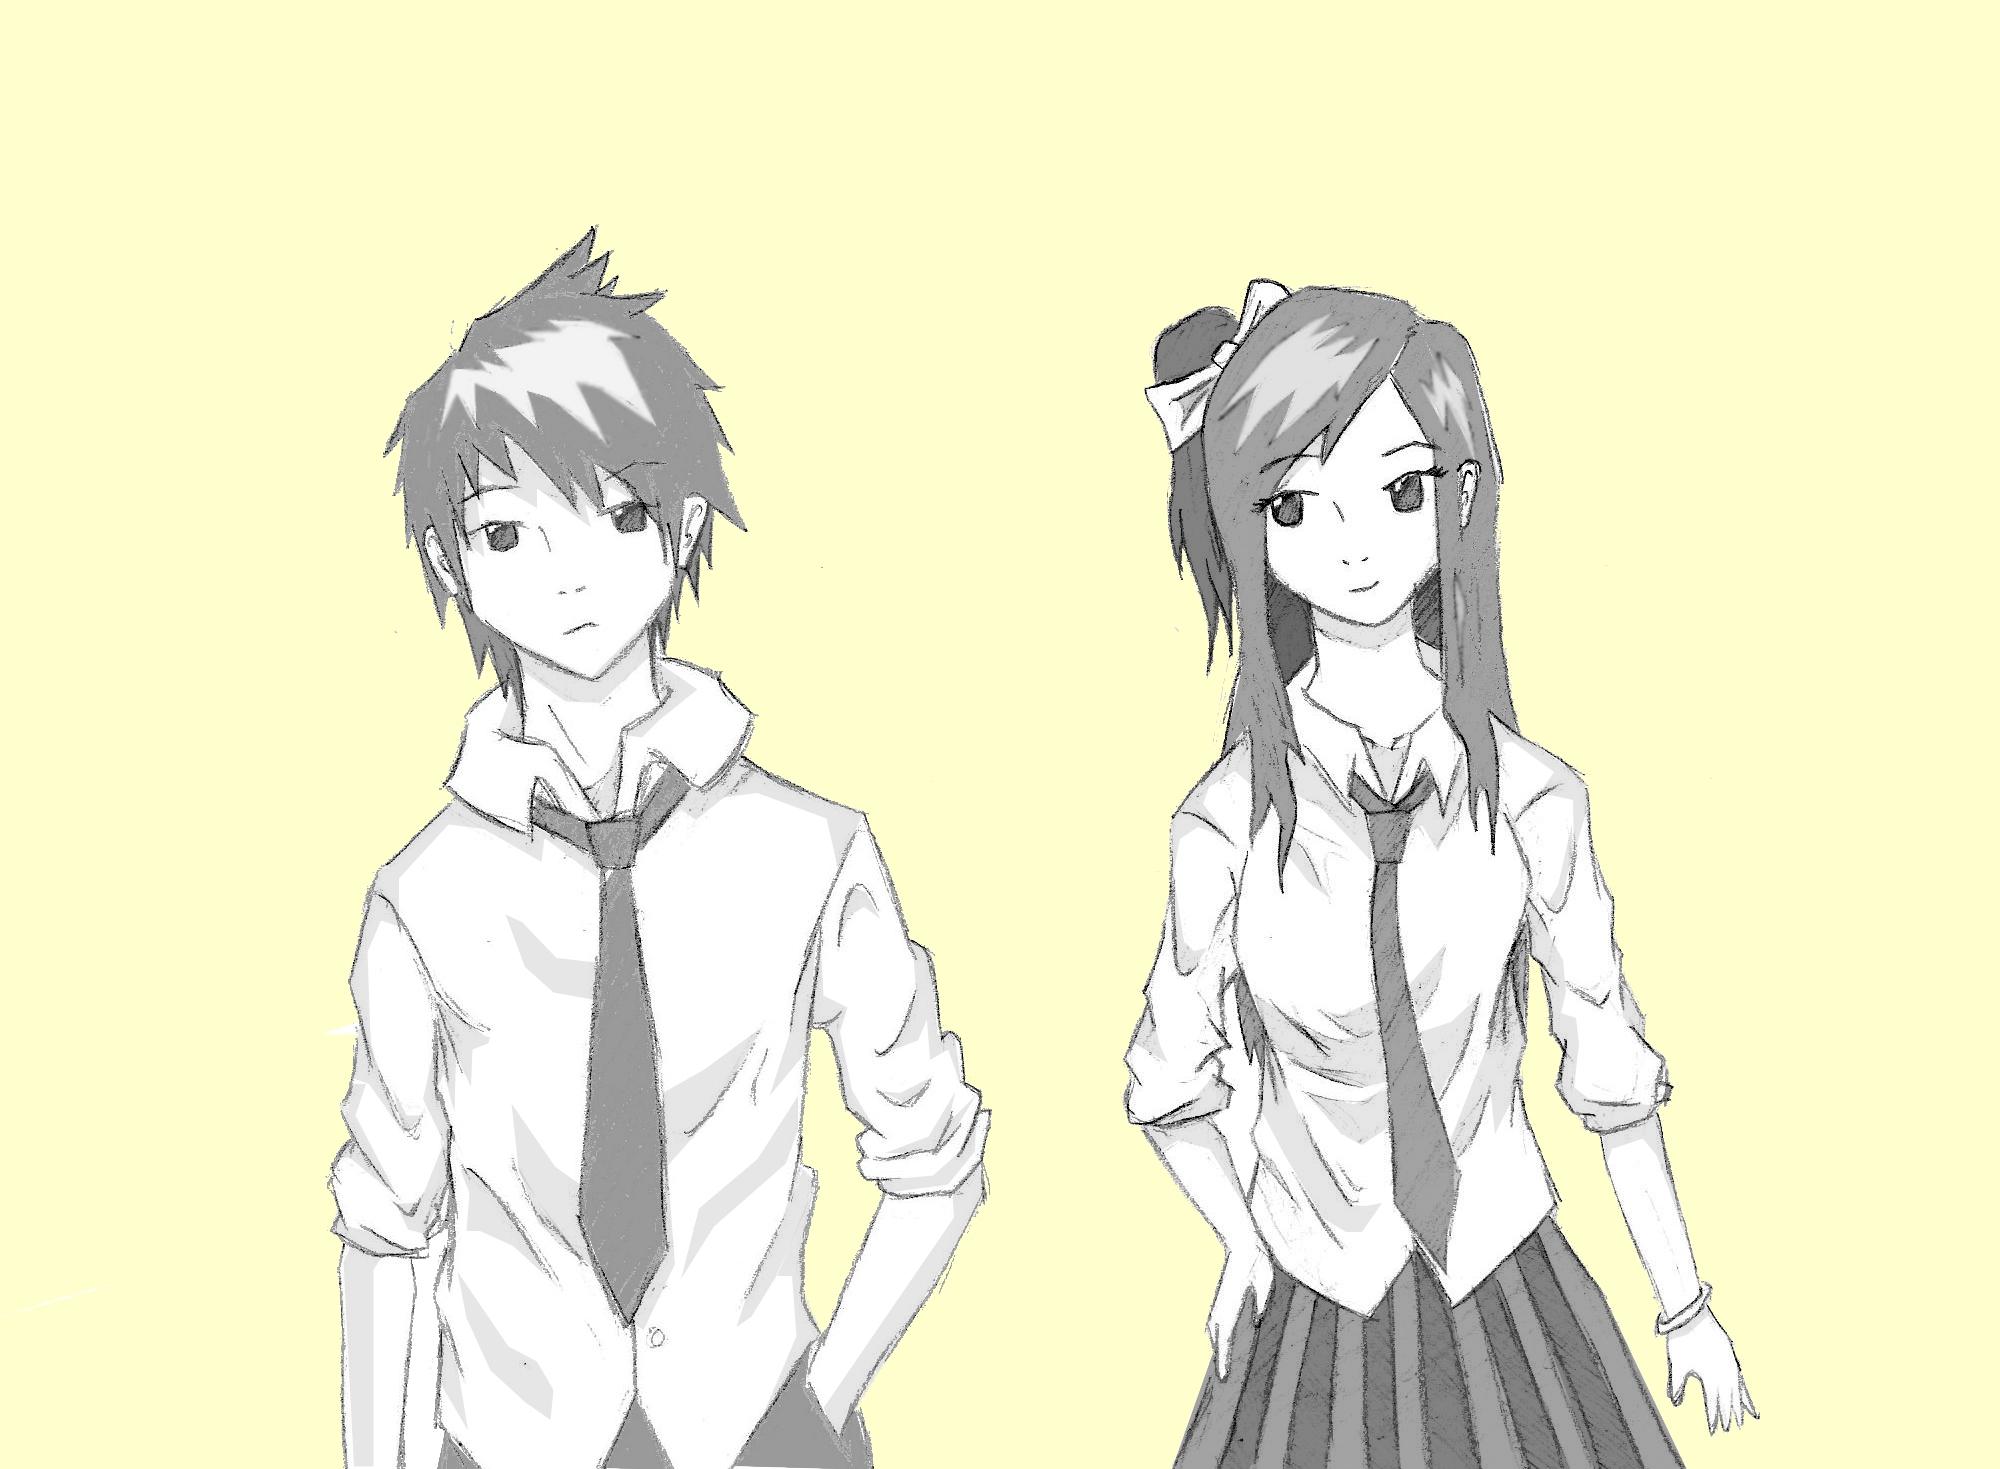 2000x1469 anime boy and girl drawing boy and girl drawing image